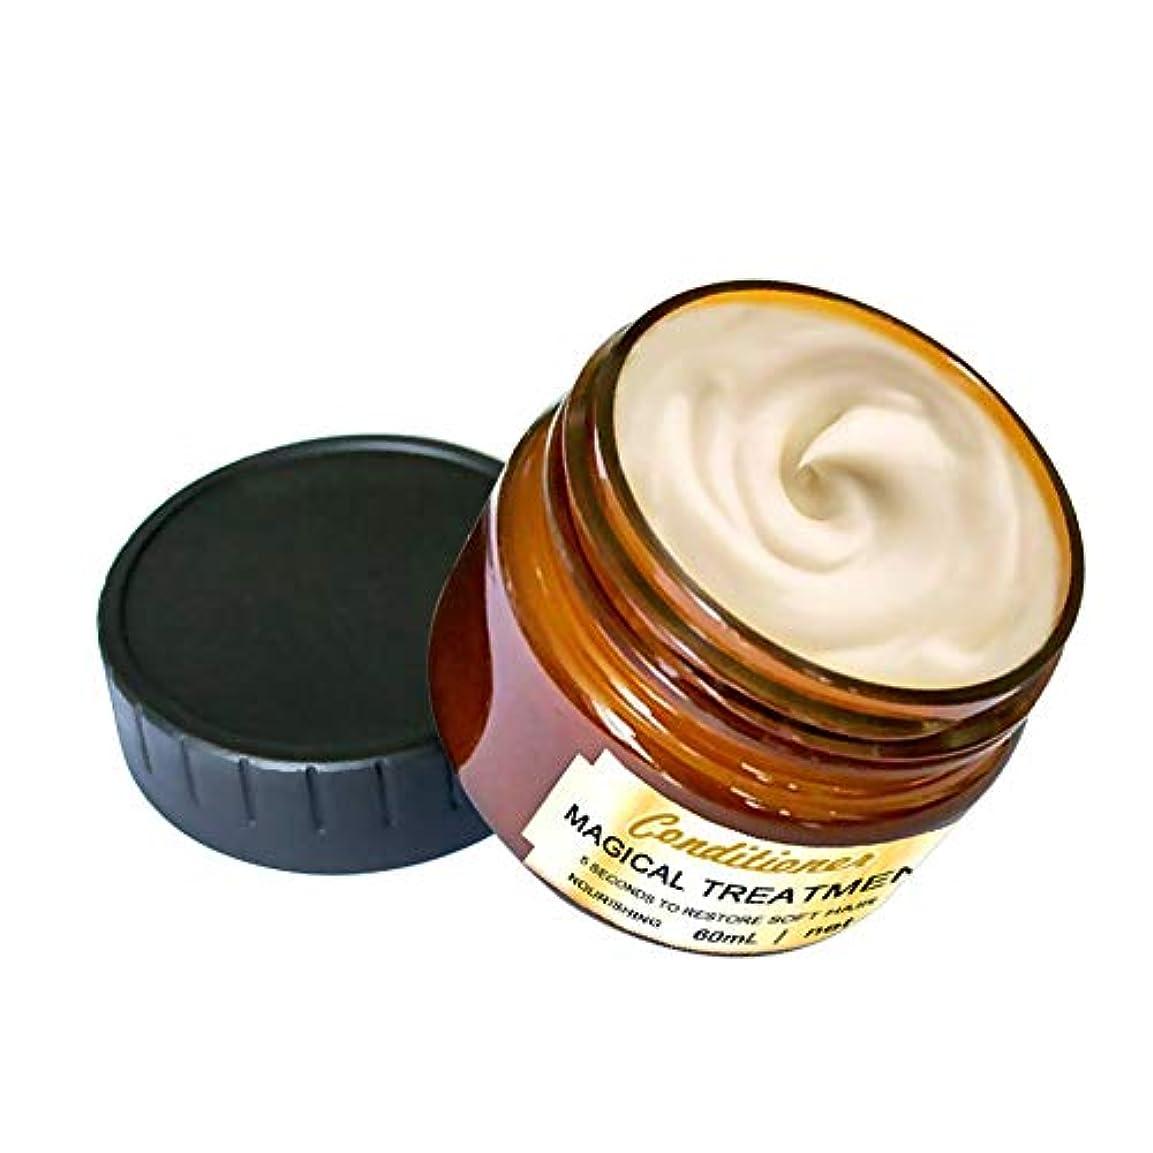 廃止する遷移ロック解除コンディショナー ヘアケアコンディショナー ヘアデトキシファイングヘアマスク 高度な分子 毛根治療の回復 乾燥または損傷した髪と頭皮の治療のための髪の滑らかなしなやか (A 60 ml)